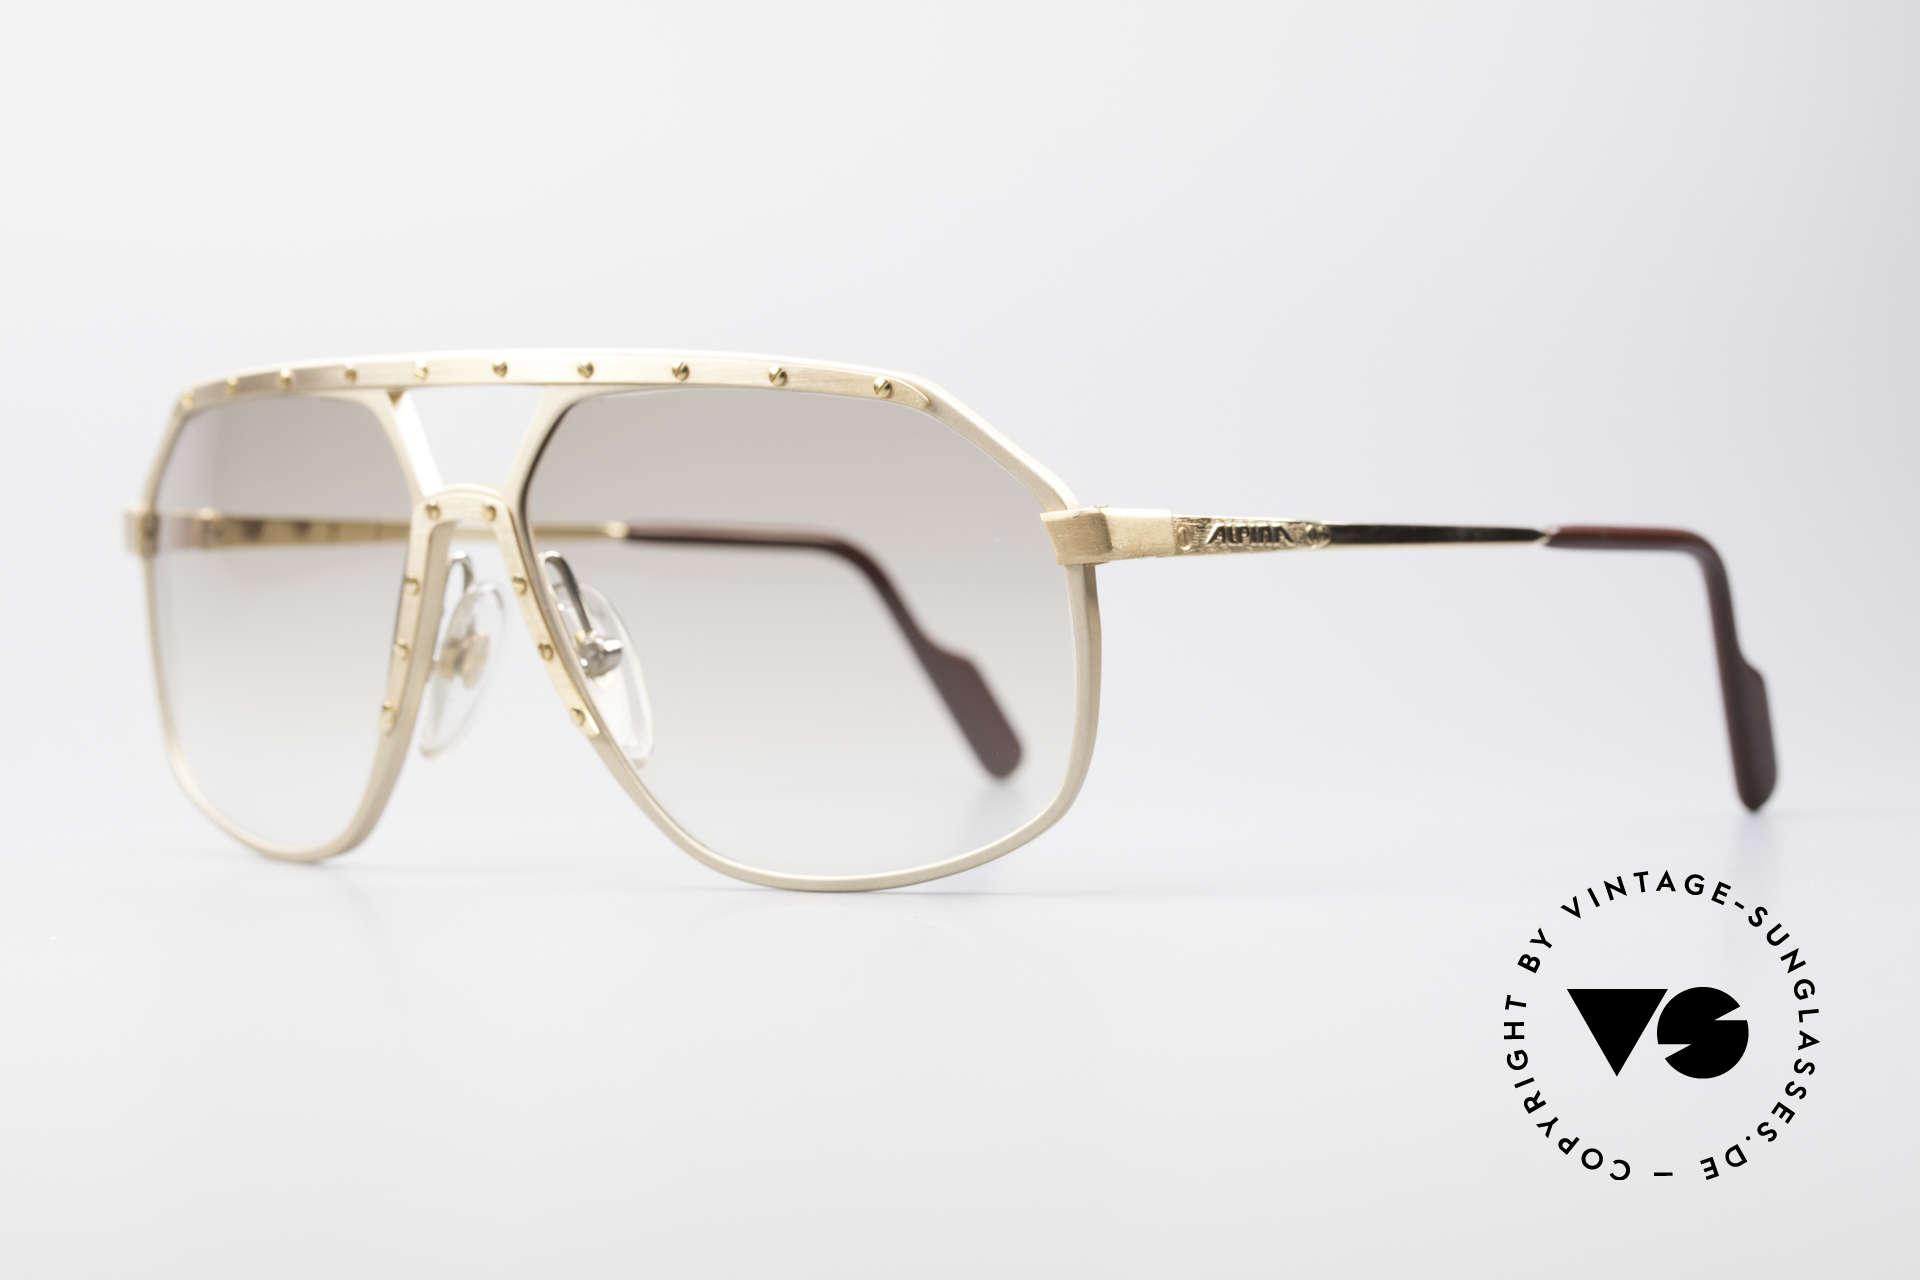 Alpina M6 Echte Alte 80er Vintage Brille, weltberühmt für sein Schrauben-Design; Gr. 60-14, Passend für Herren